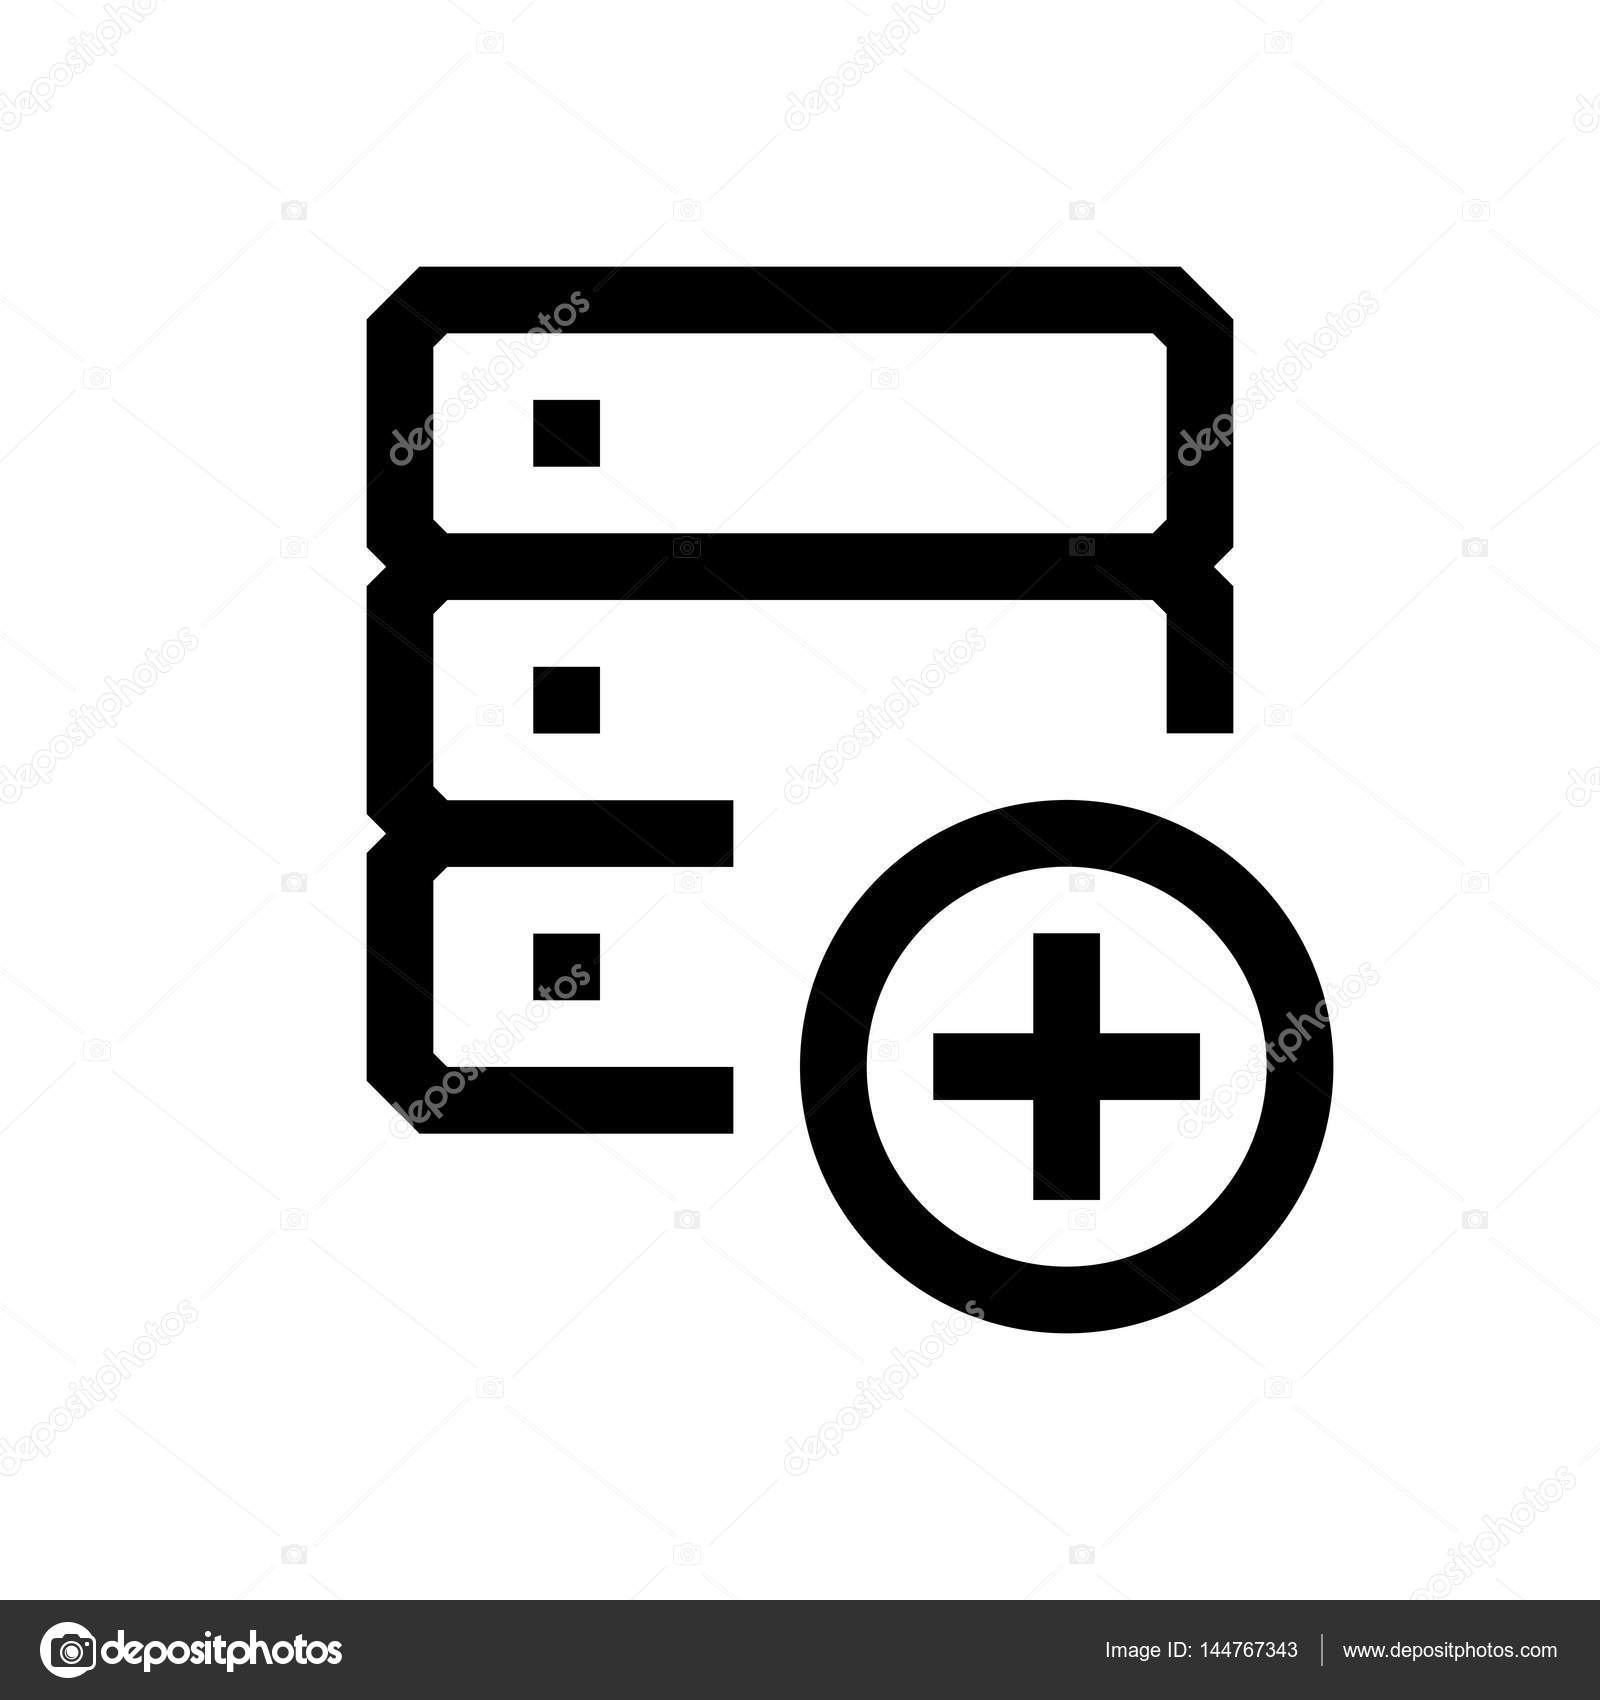 Ikona Mini Wiersza Bazy Danych Grafika Wektorowa